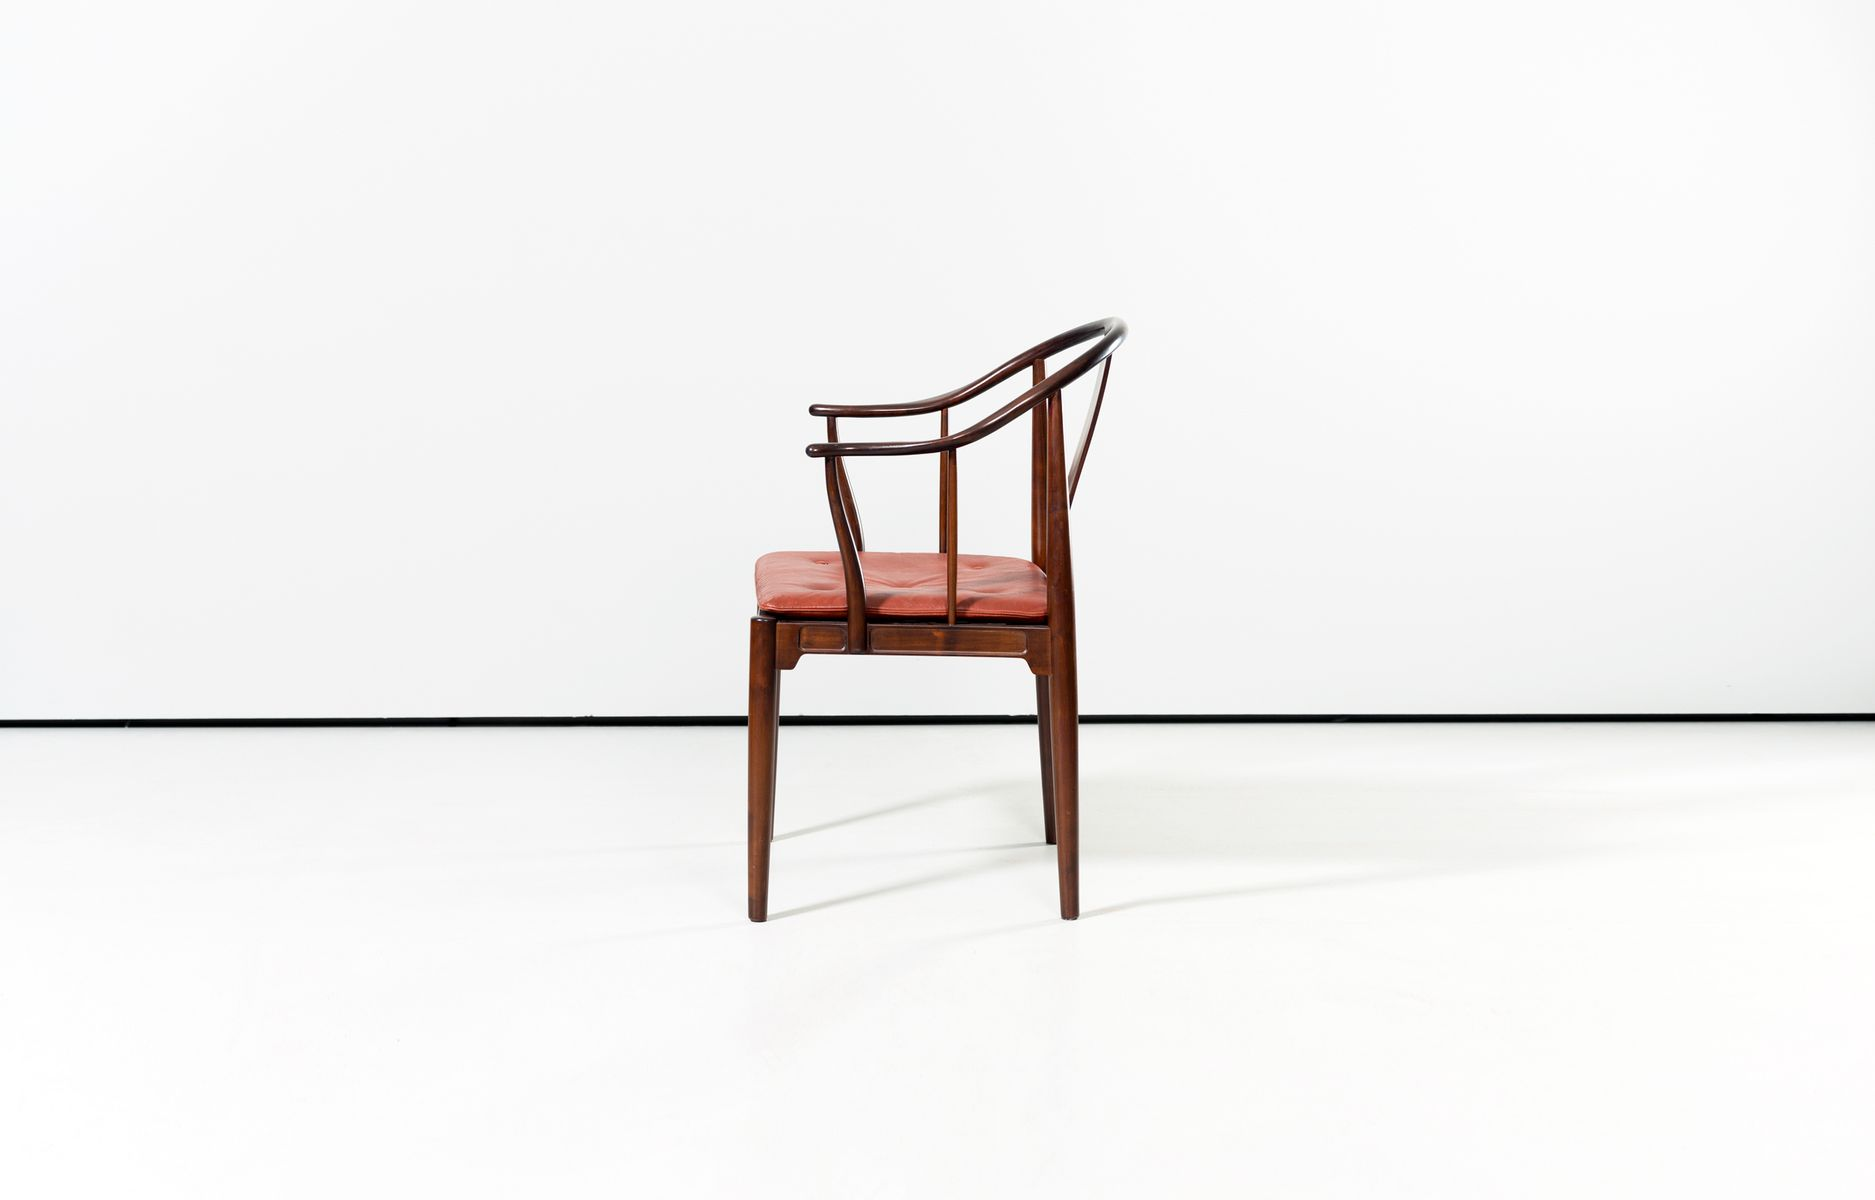 chinesischer stuhl von hans j wegner f r fritz hansen. Black Bedroom Furniture Sets. Home Design Ideas